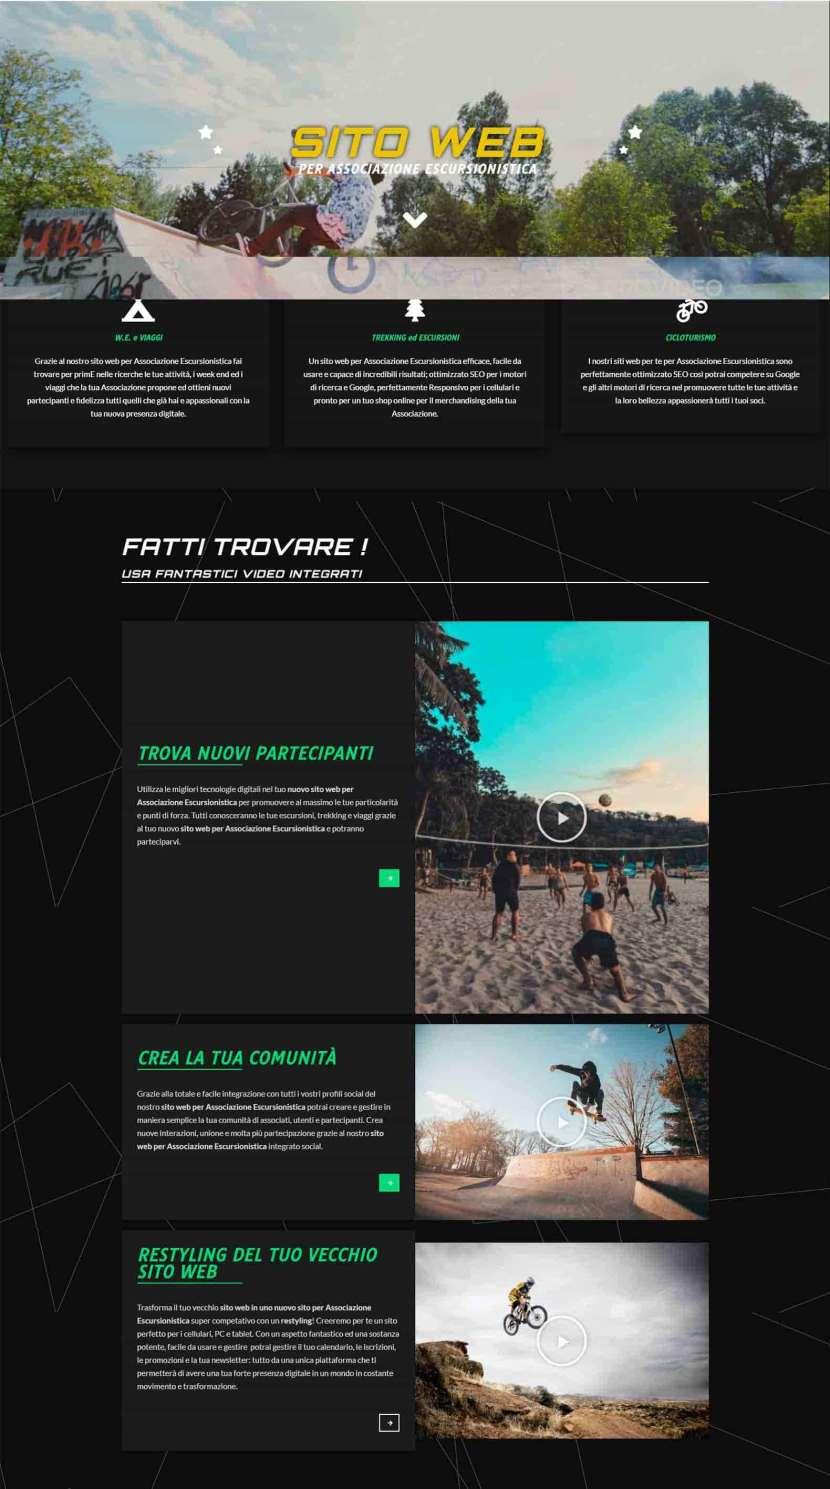 Sito Web per Associazione Escursionistica Rom Soluzioni Digitali Online Creare Realizzare siti Web SEO efficace ecommerce H-1